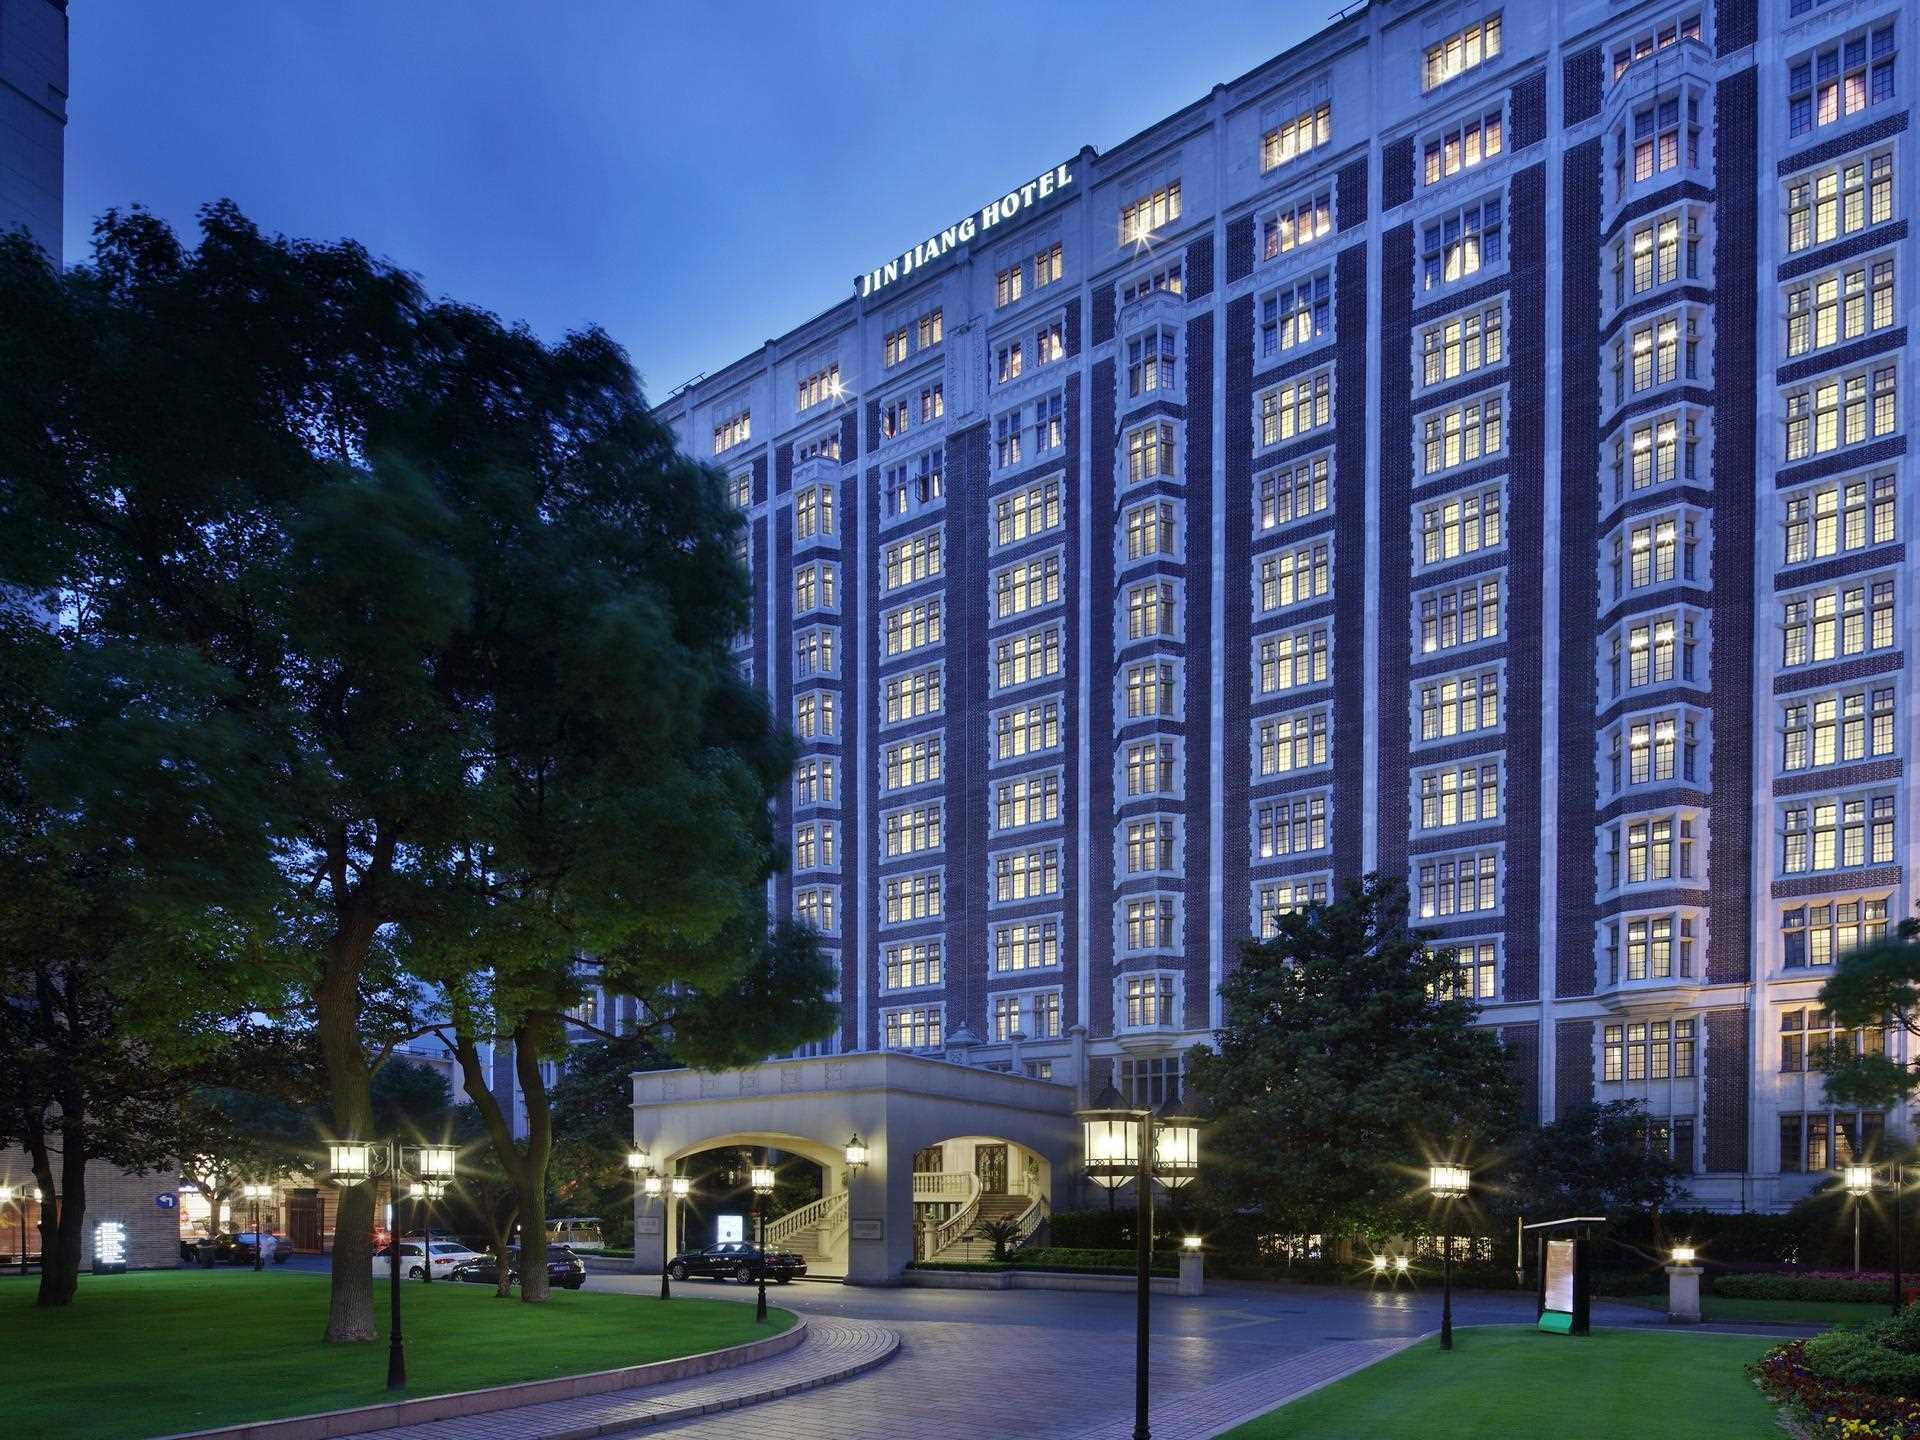 Jin Jiang Hotel Shanghai Außenansicht